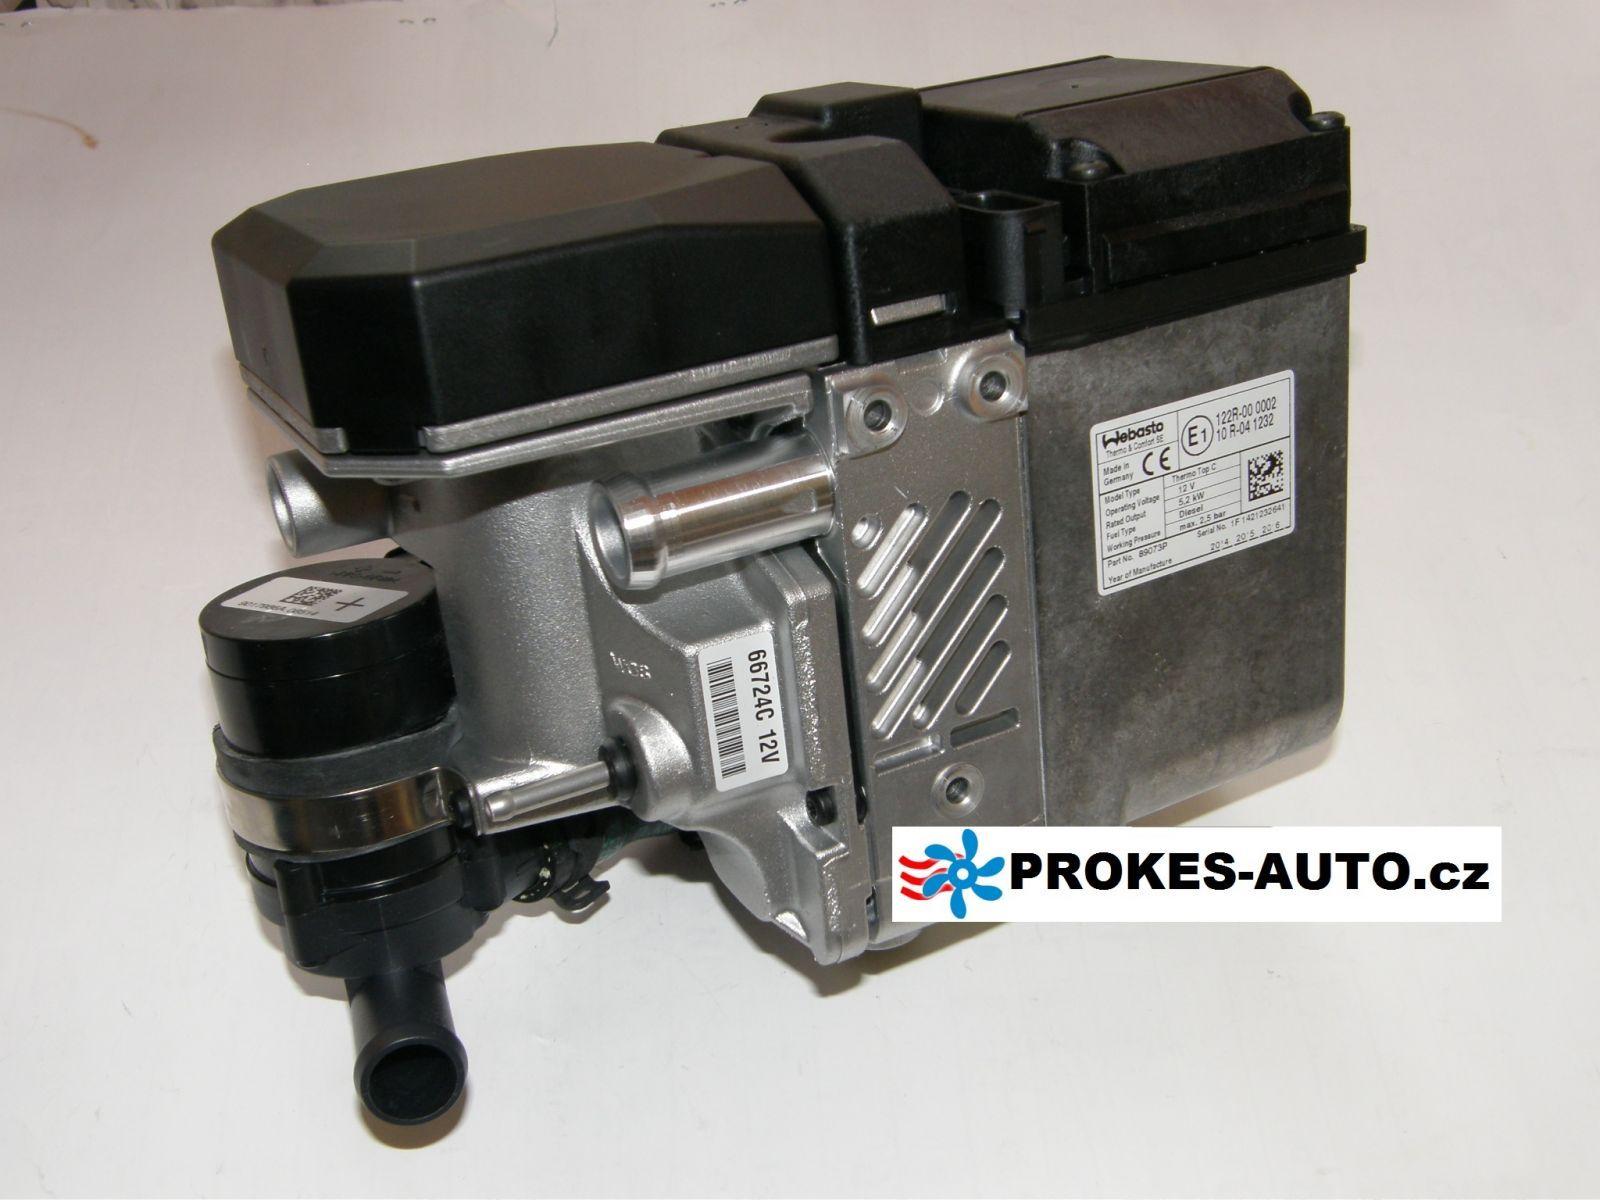 WEBASTO Thermo 50 diesel, 24V, 67014